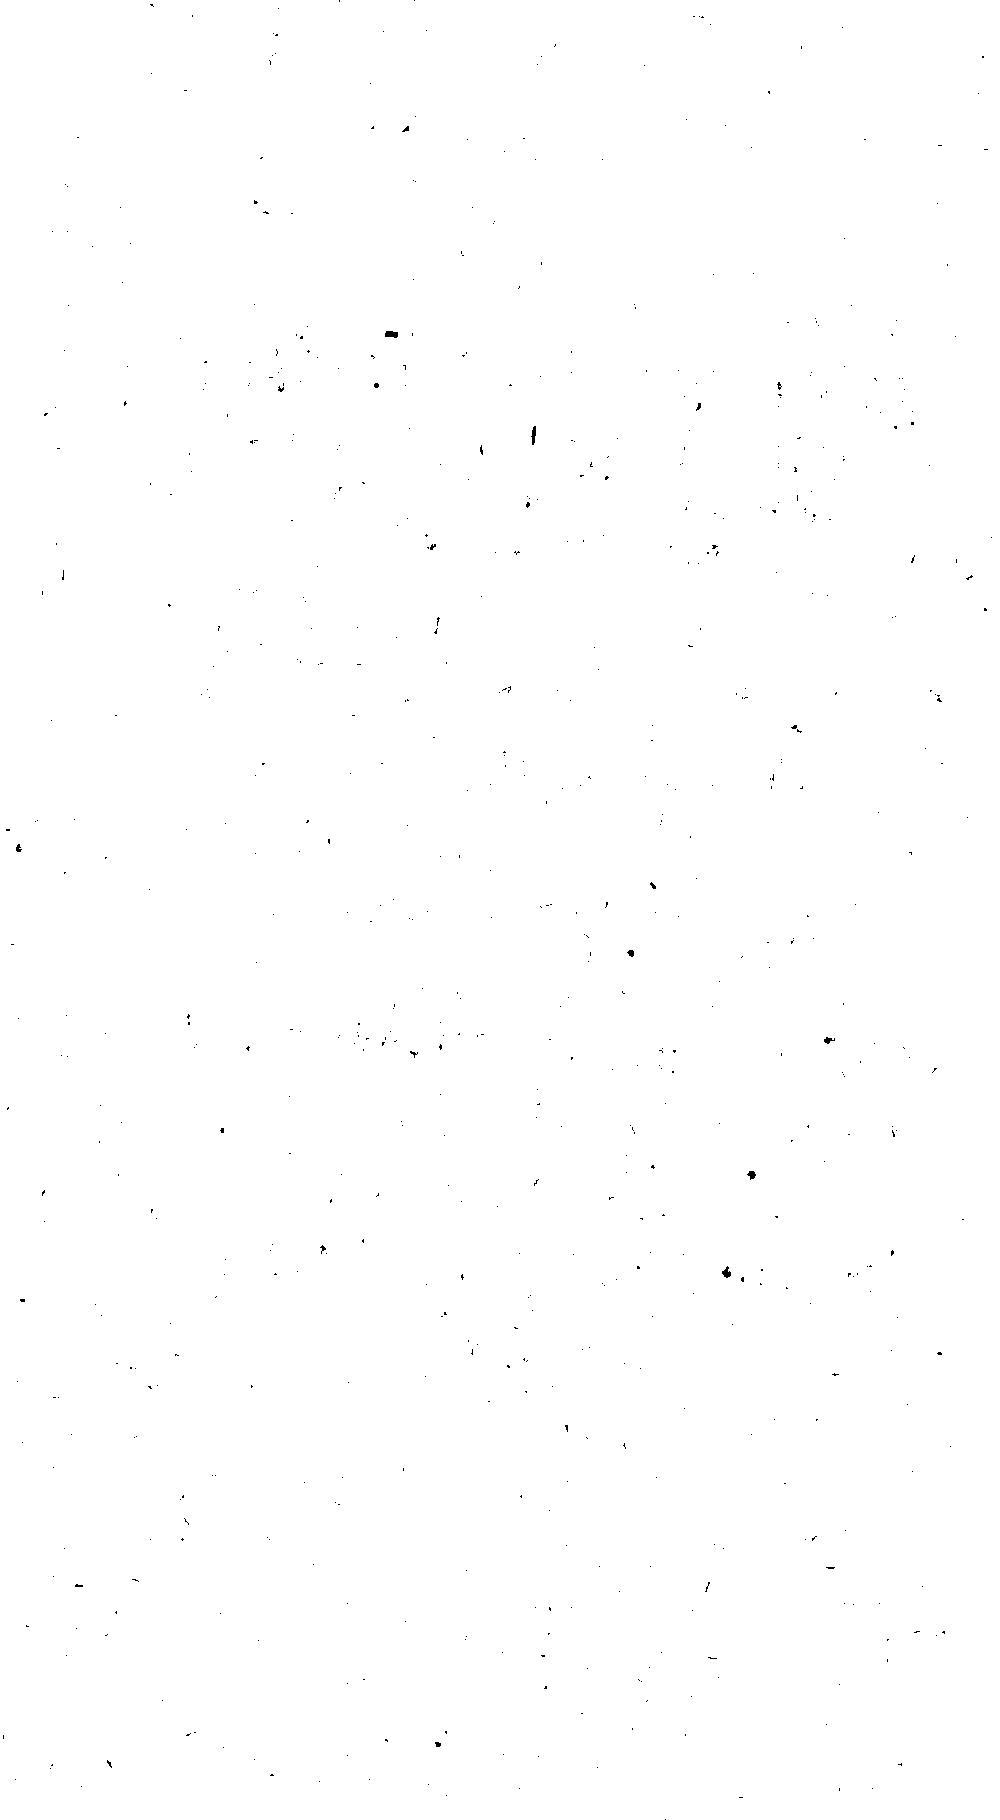 bsb00010528_00005.jpg